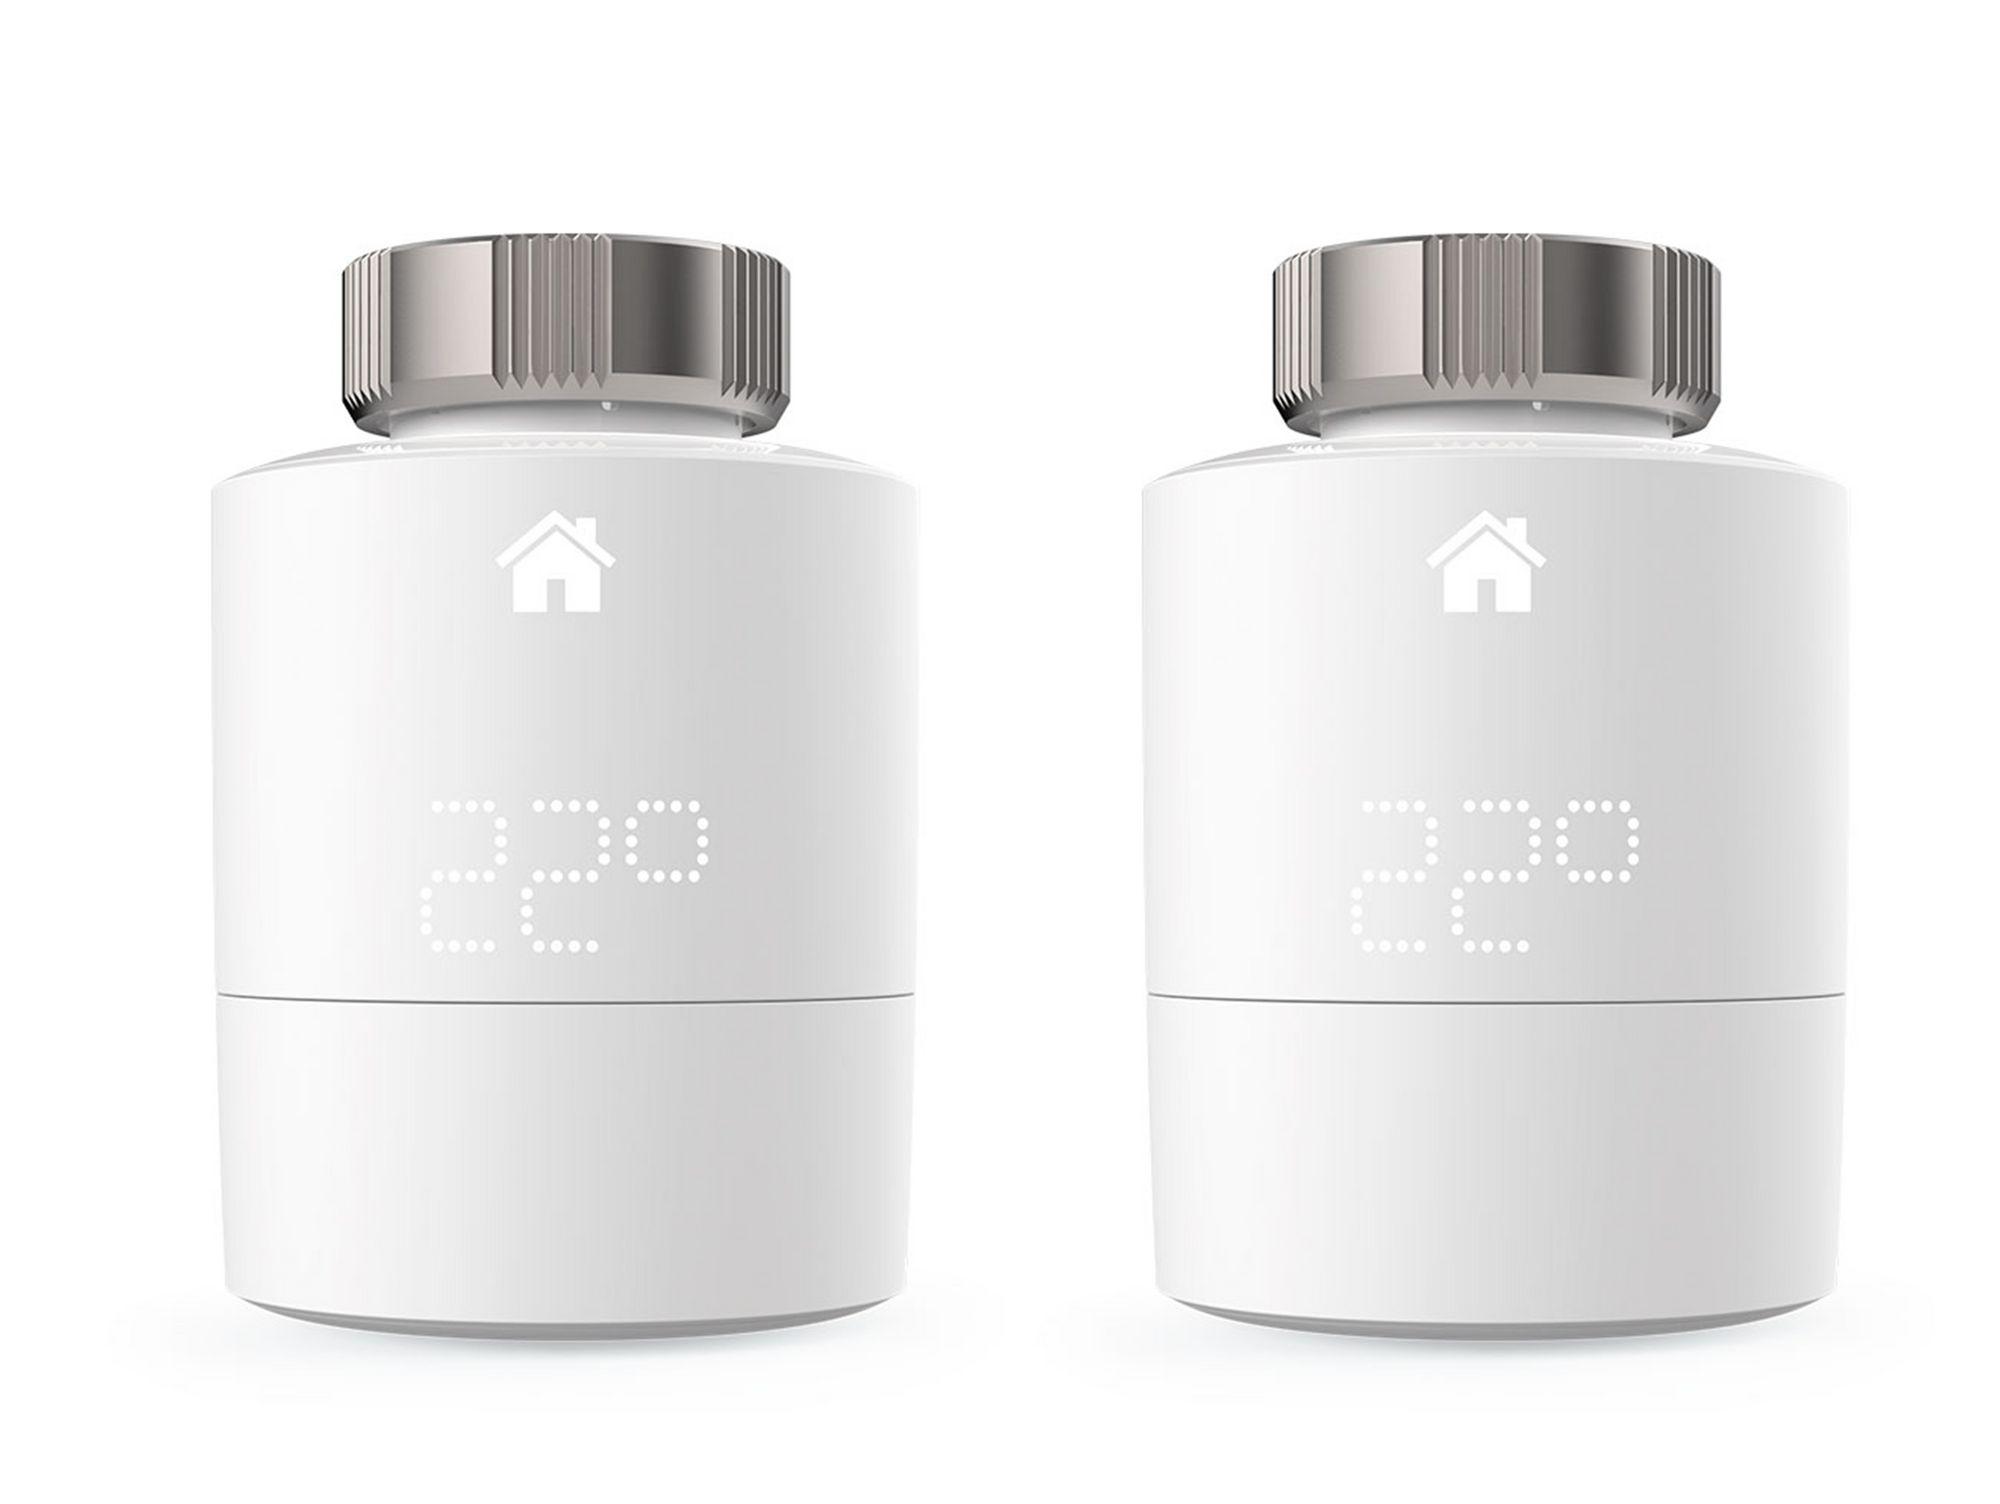 Full Size of Tado Smartes Heizkrper Thermostat Duo Pack Fenster Kaufen In Polen Regale Bad Heizkörper Für Outdoor Küche Betten 140x200 Billig Bett Günstig Sofa Dusche Wohnzimmer Heizkörper Kaufen